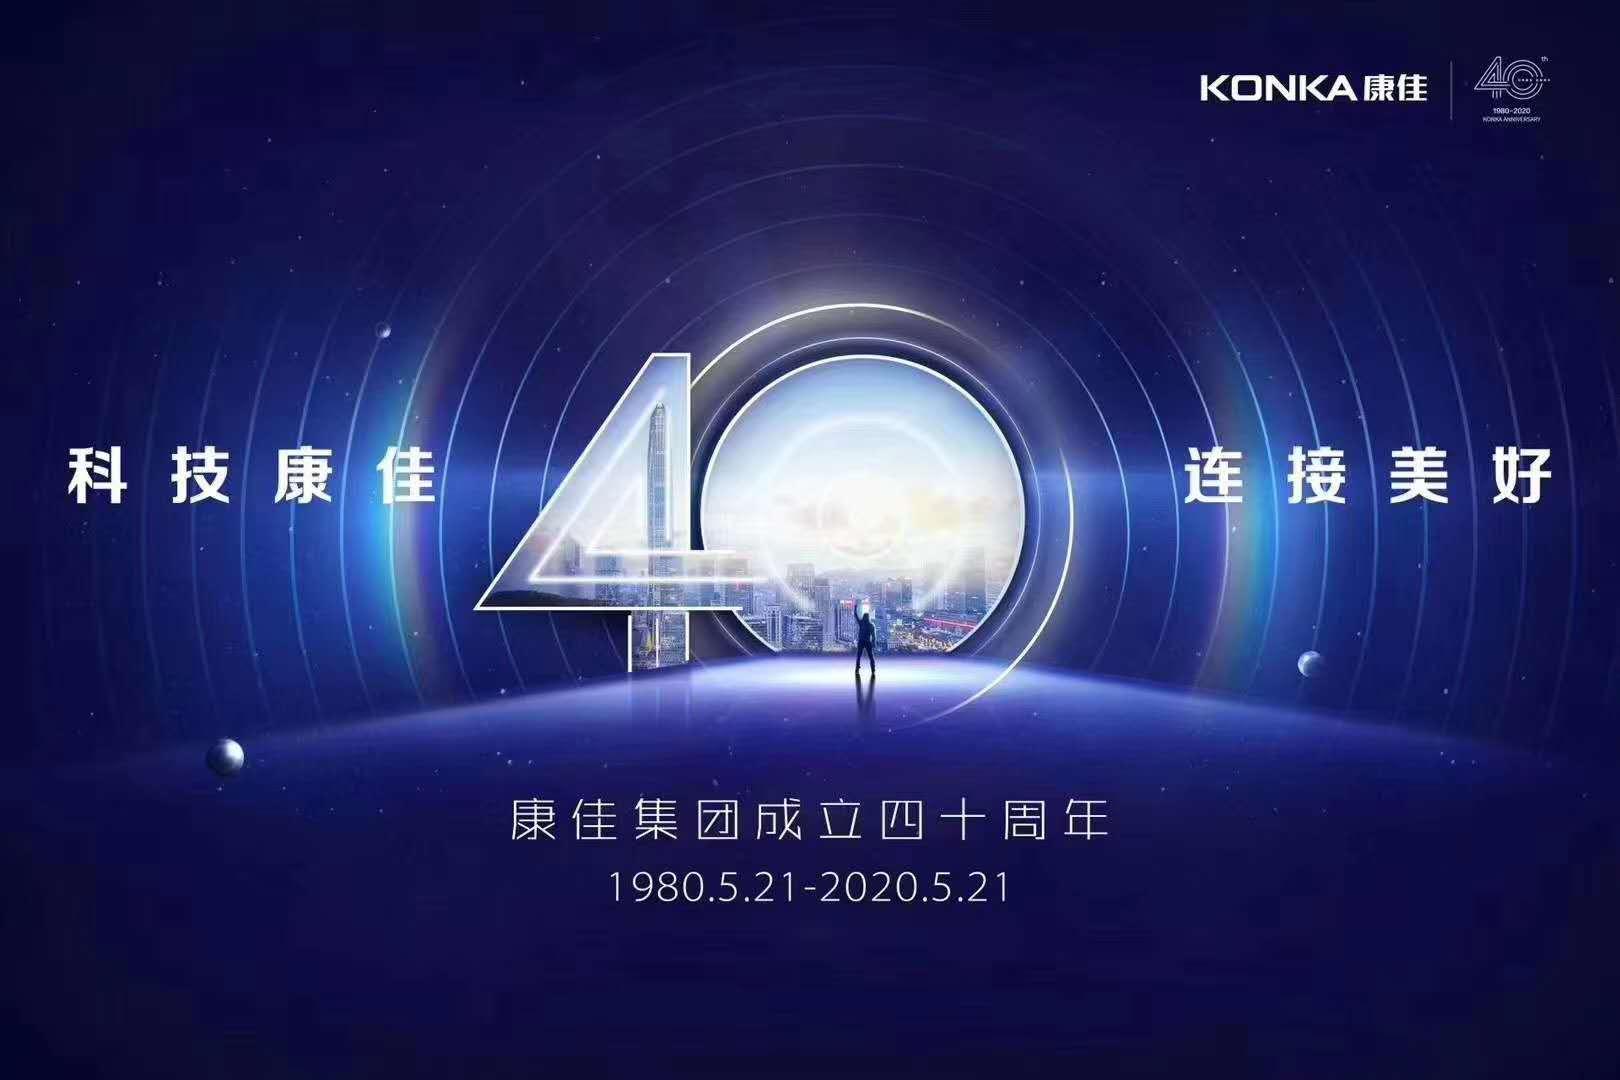 40周年康佳与Shopee共同迈步东南亚,合作共赢 (1).jpg